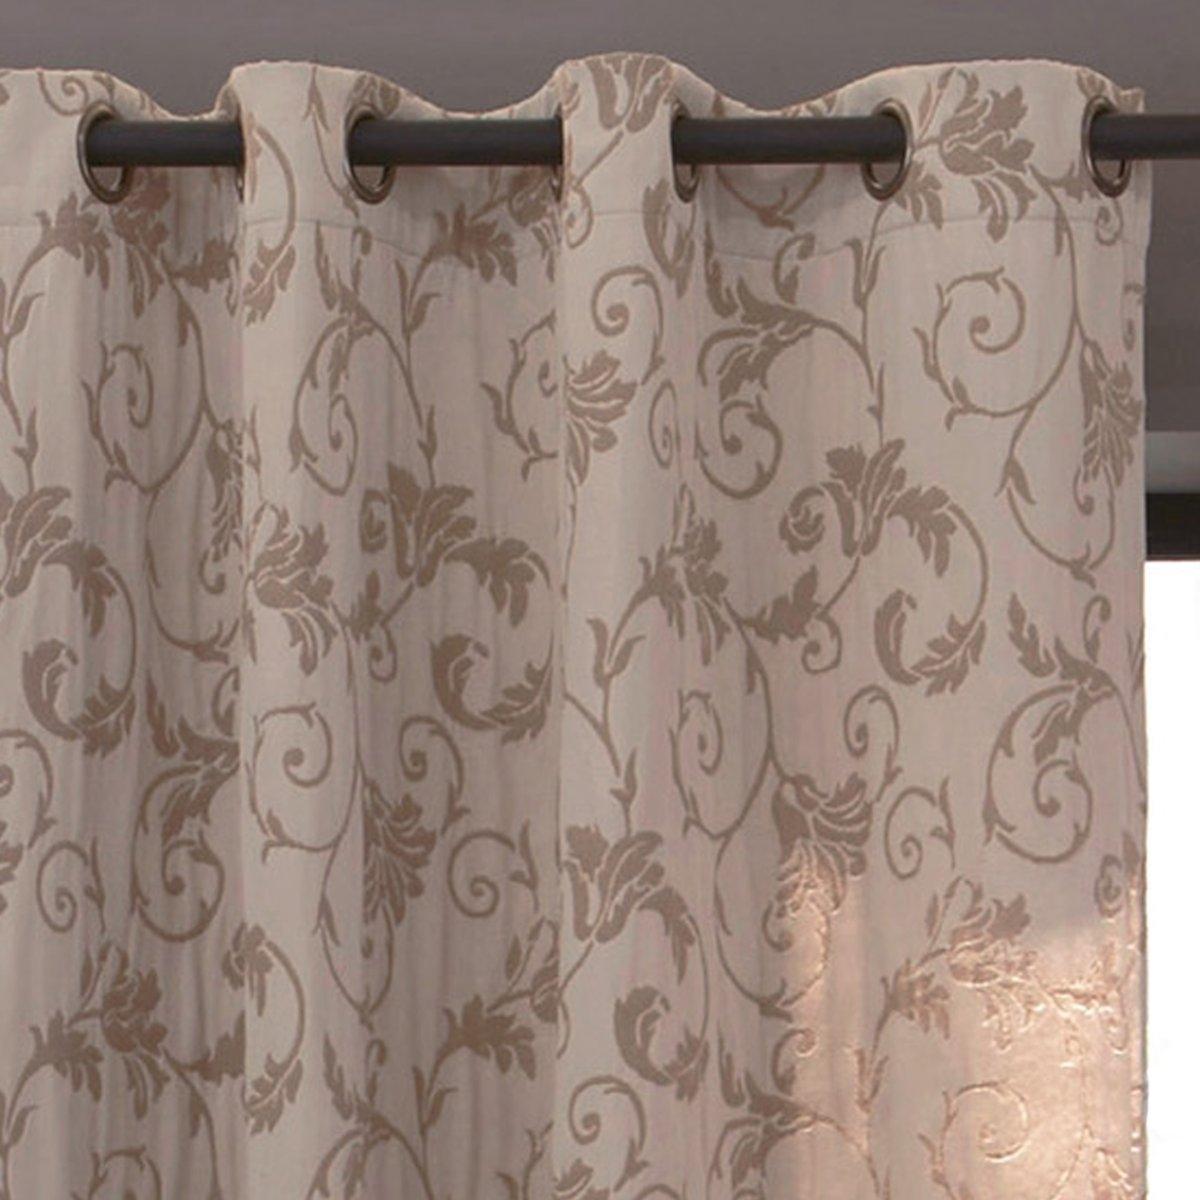 Штора из жаккардовой ткани с люверсами, VALINAХарактеристики шторы  : 60% хлопка, 40% полиэстера.Низ подшит. С люверсами. Машинная стирка при 40 °С. Ширина 140 см2 варианта высоты : 250 см и 350 см.Сертификат Oeko-Tex® дает гарантию того, что товары изготовлены без применения химических средств и не представляют опасности для здоровья человека .Весь ассортимент штор и занавесок вы найдете на сайте laredoute.ru<br><br>Цвет: серо-бежевый/экрю,экрю/серо-коричневый<br>Размер: 250 x 140  см